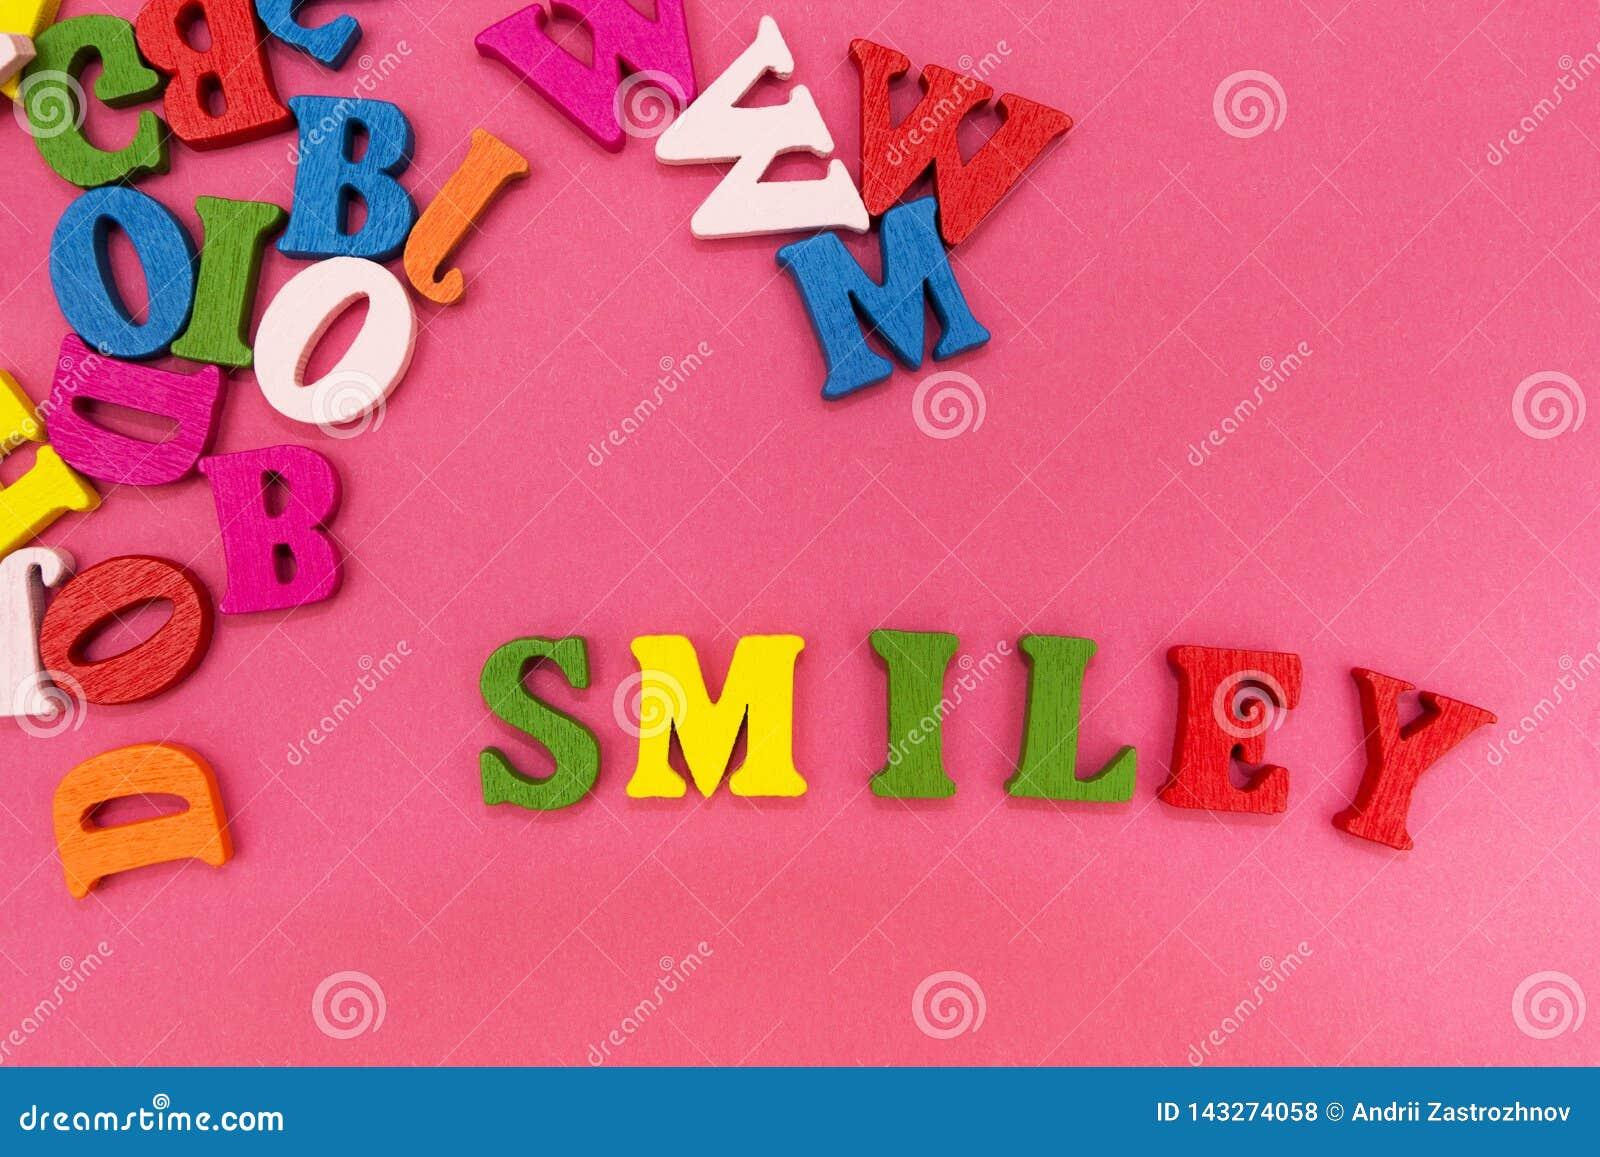 Zerstreute mehrfarbige Buchstaben auf einem rosa Hintergrund, das Wort